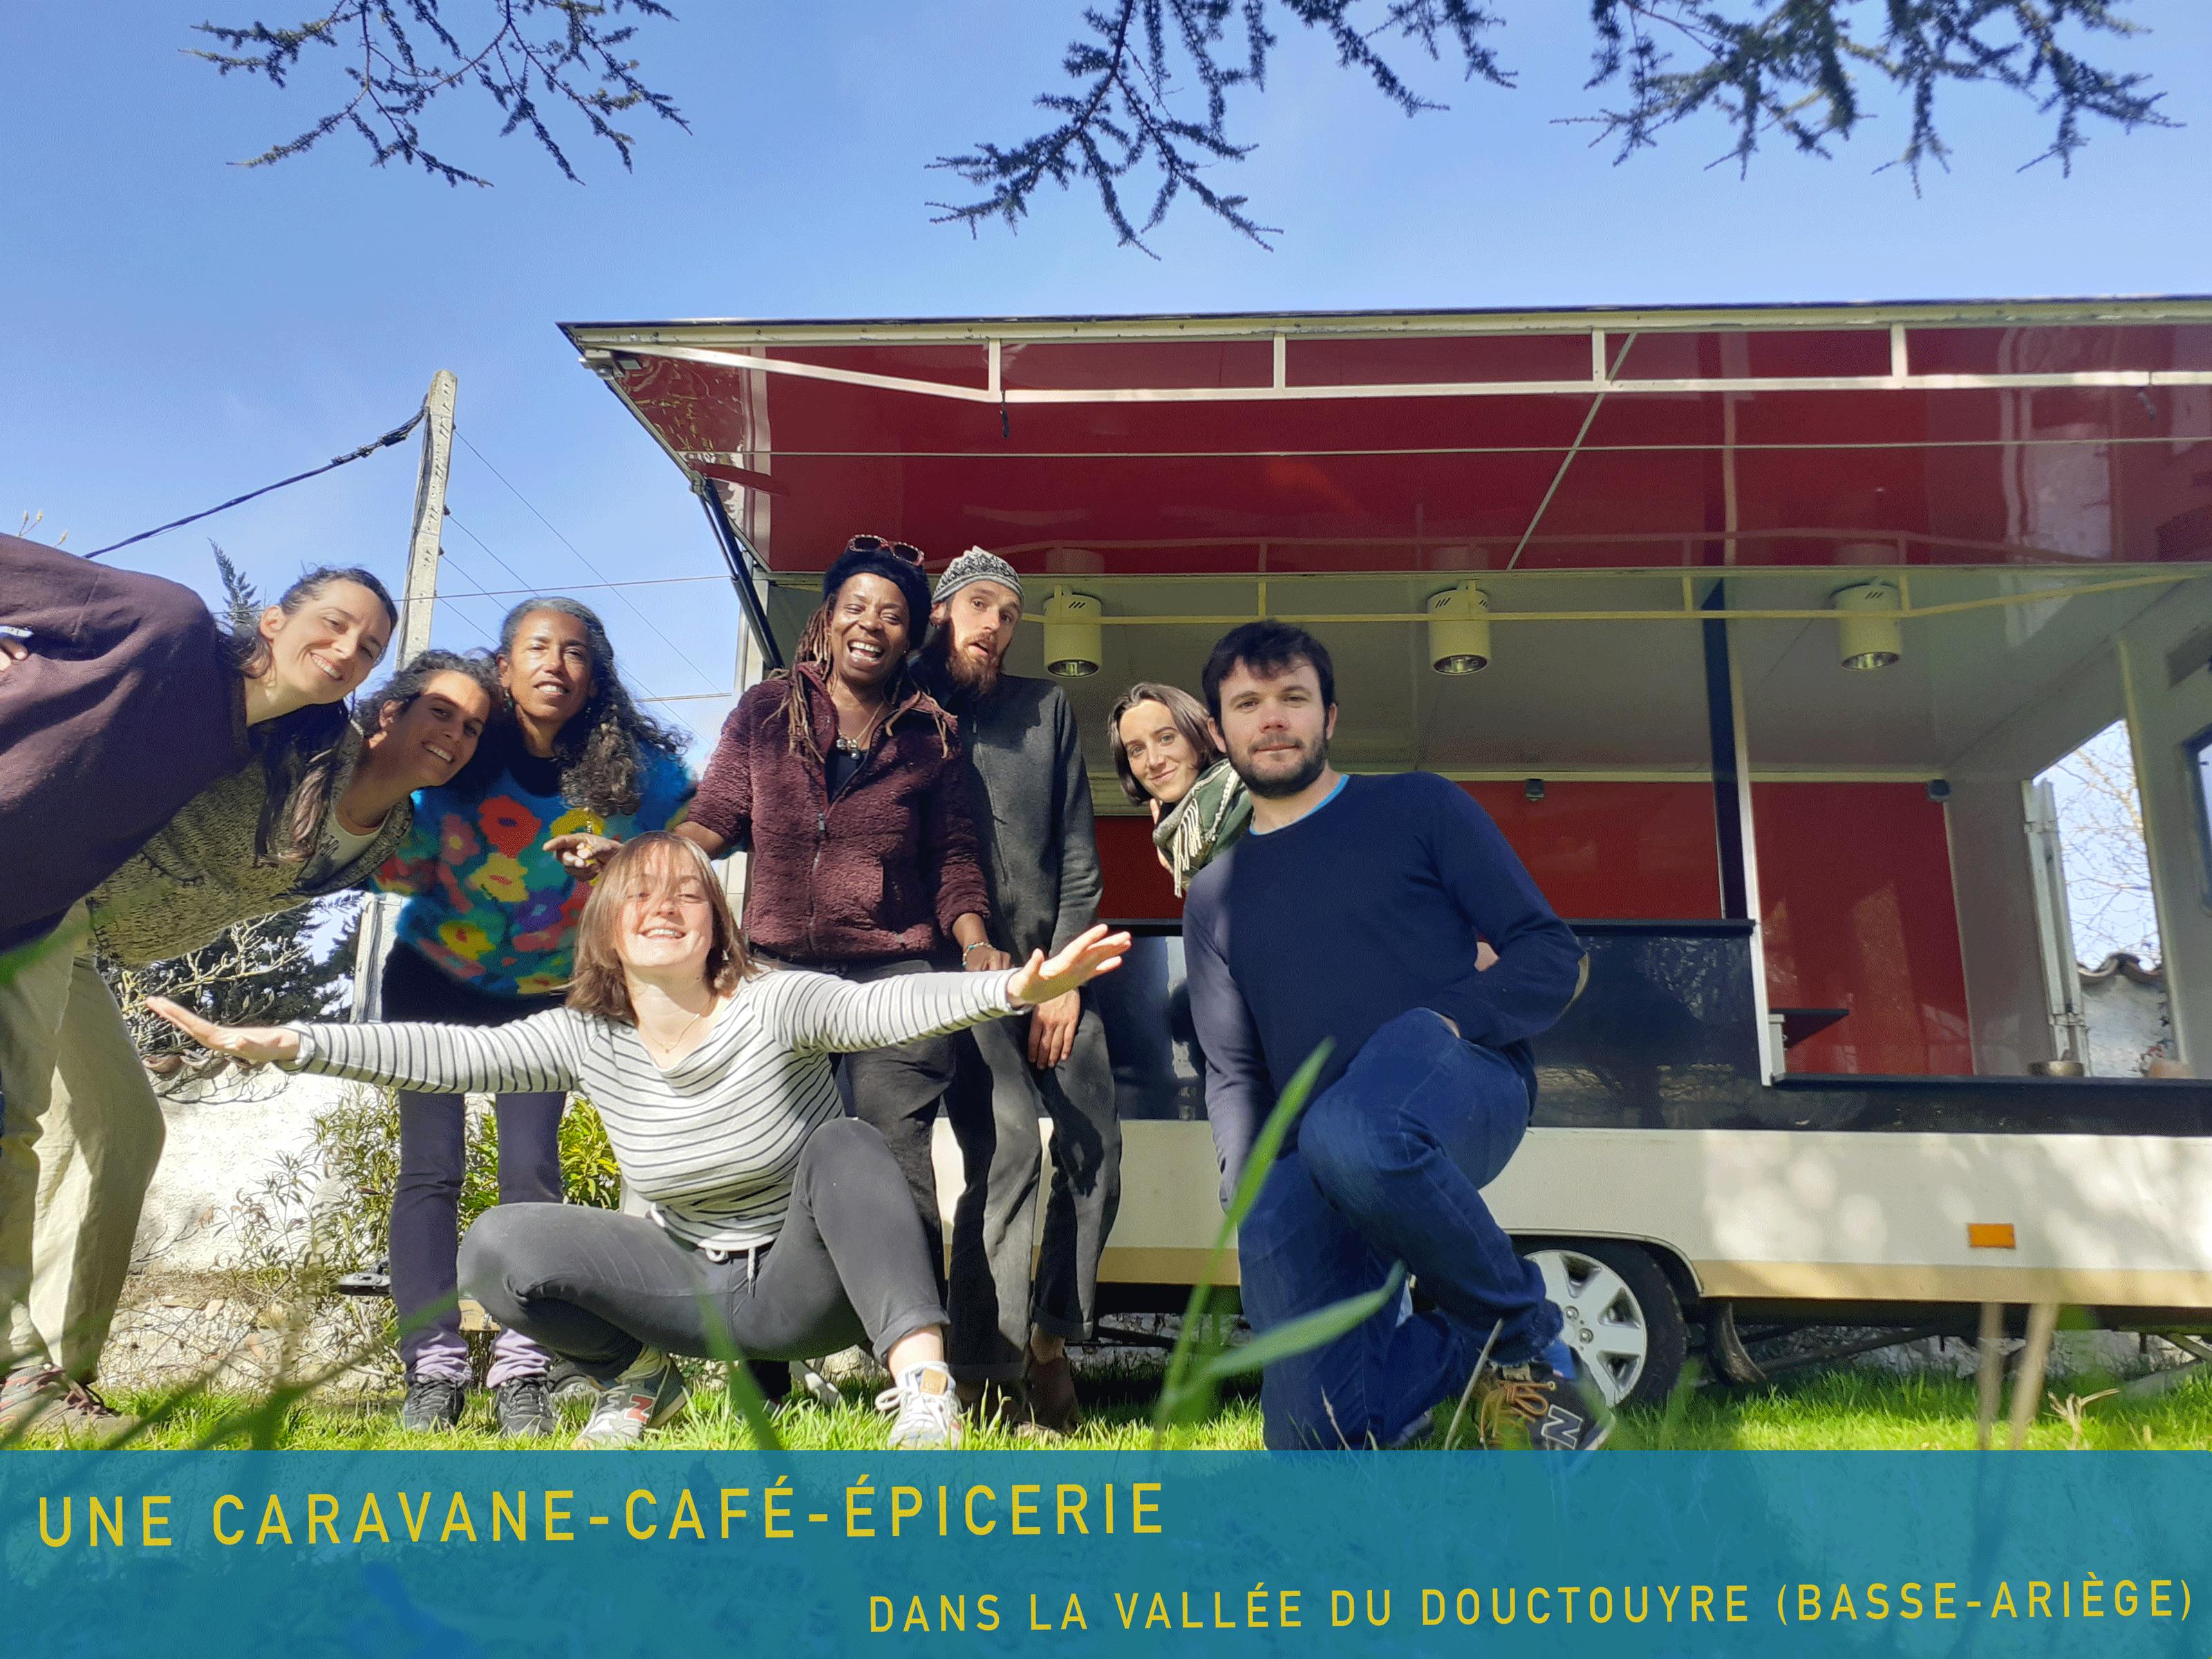 Caravane-café-épicerie en Basse-Ariège